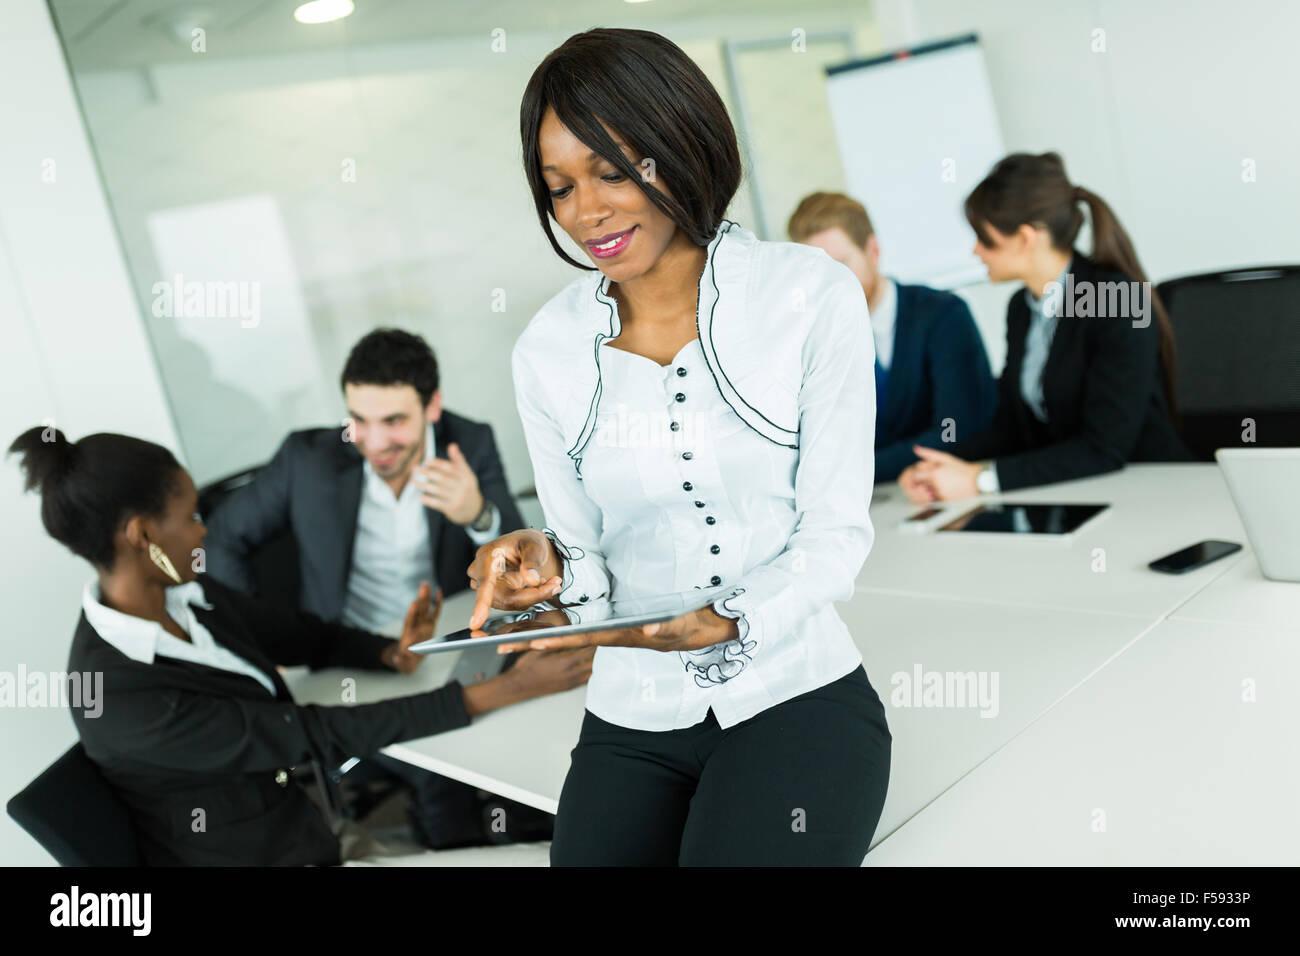 Belle, jeune, noir, femme d'Afrique à l'aide d'un comprimé à une réunion de bureau Photo Stock